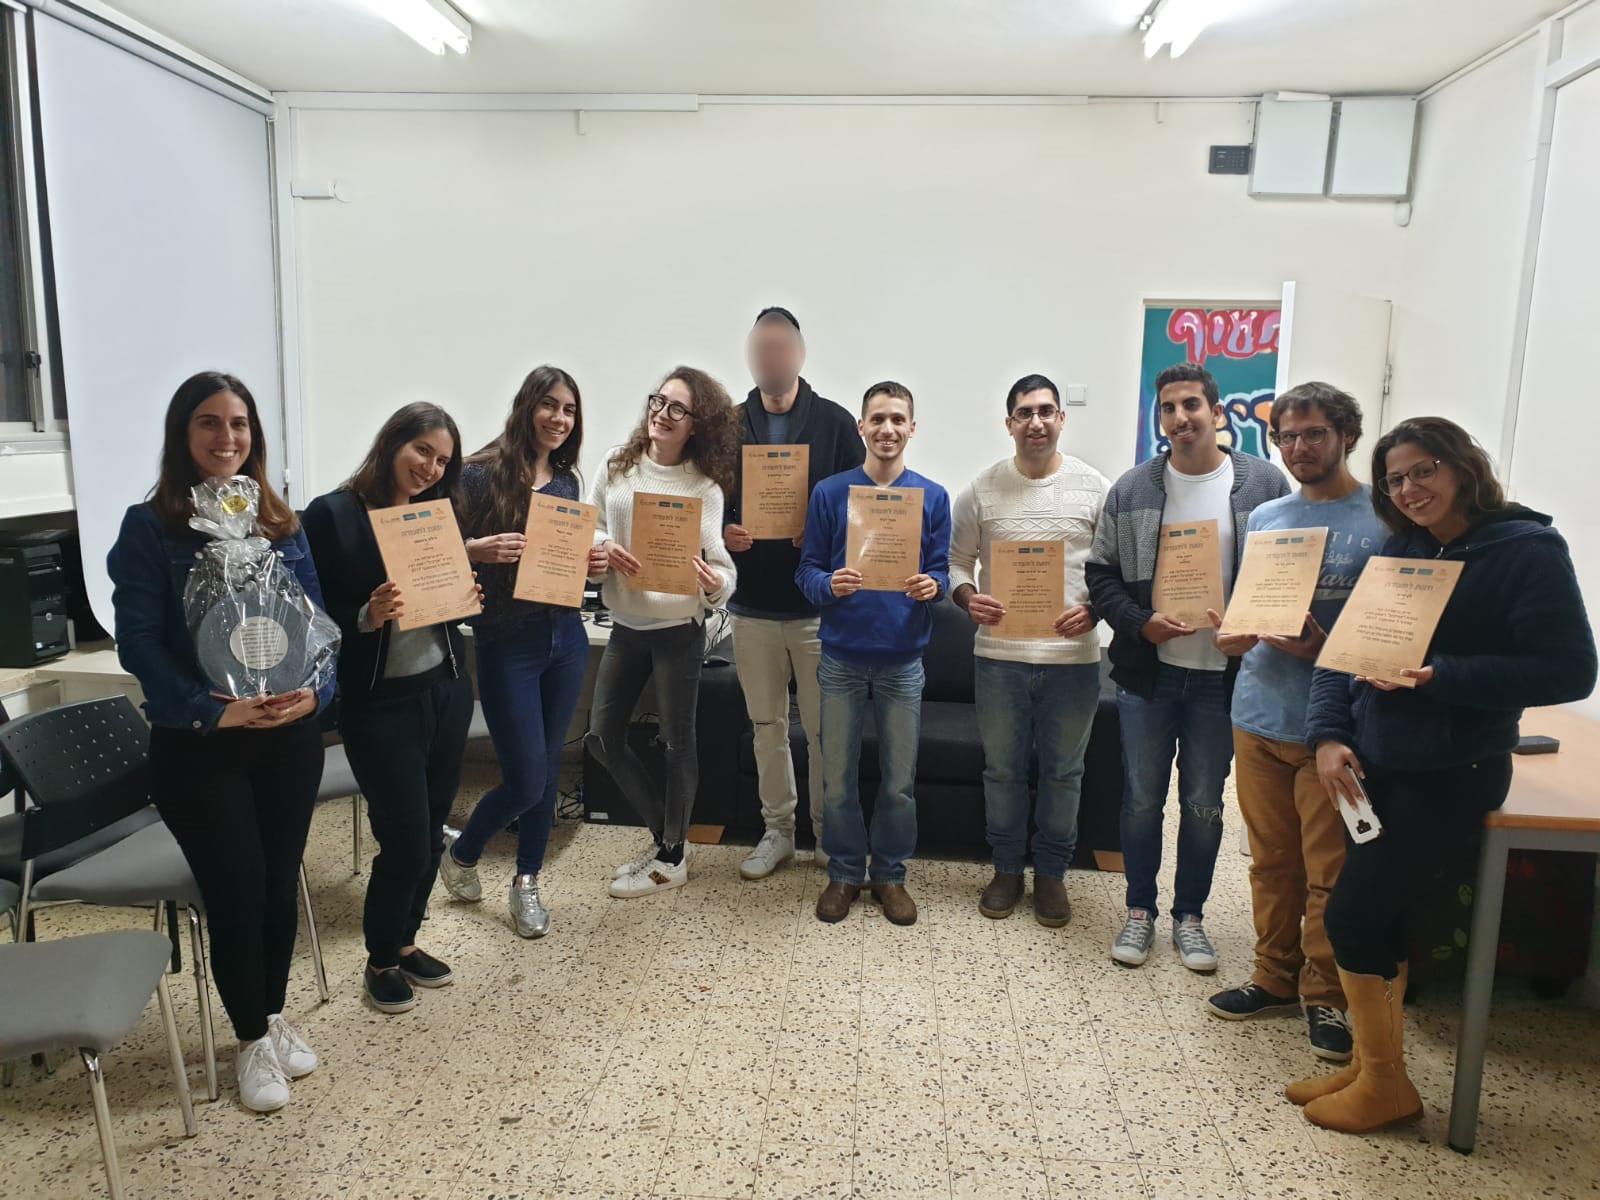 Бесплатная муниципальная программа по обучению и трудоустройству молодежи в Ришон ле-Ционе